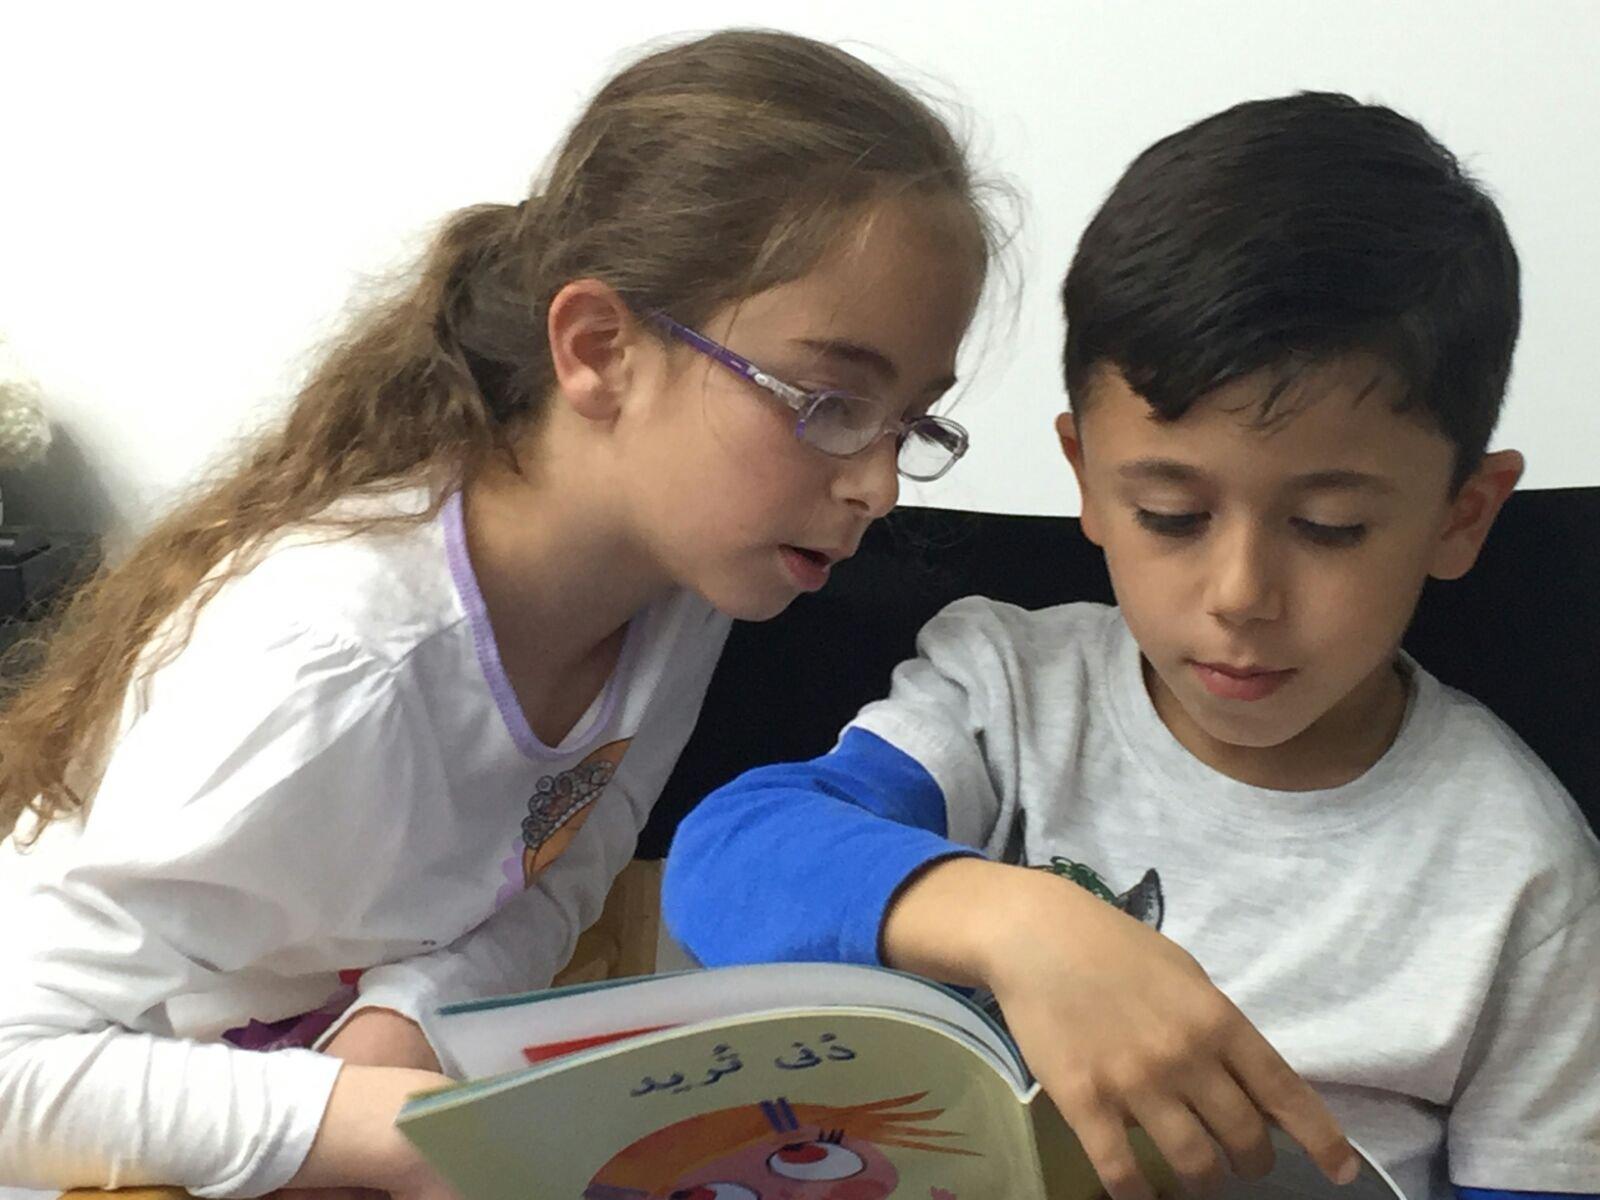 مشروع مكتبة الفانوس يتوسّع ليشمل الصّفّين، الأوّل والثّاني